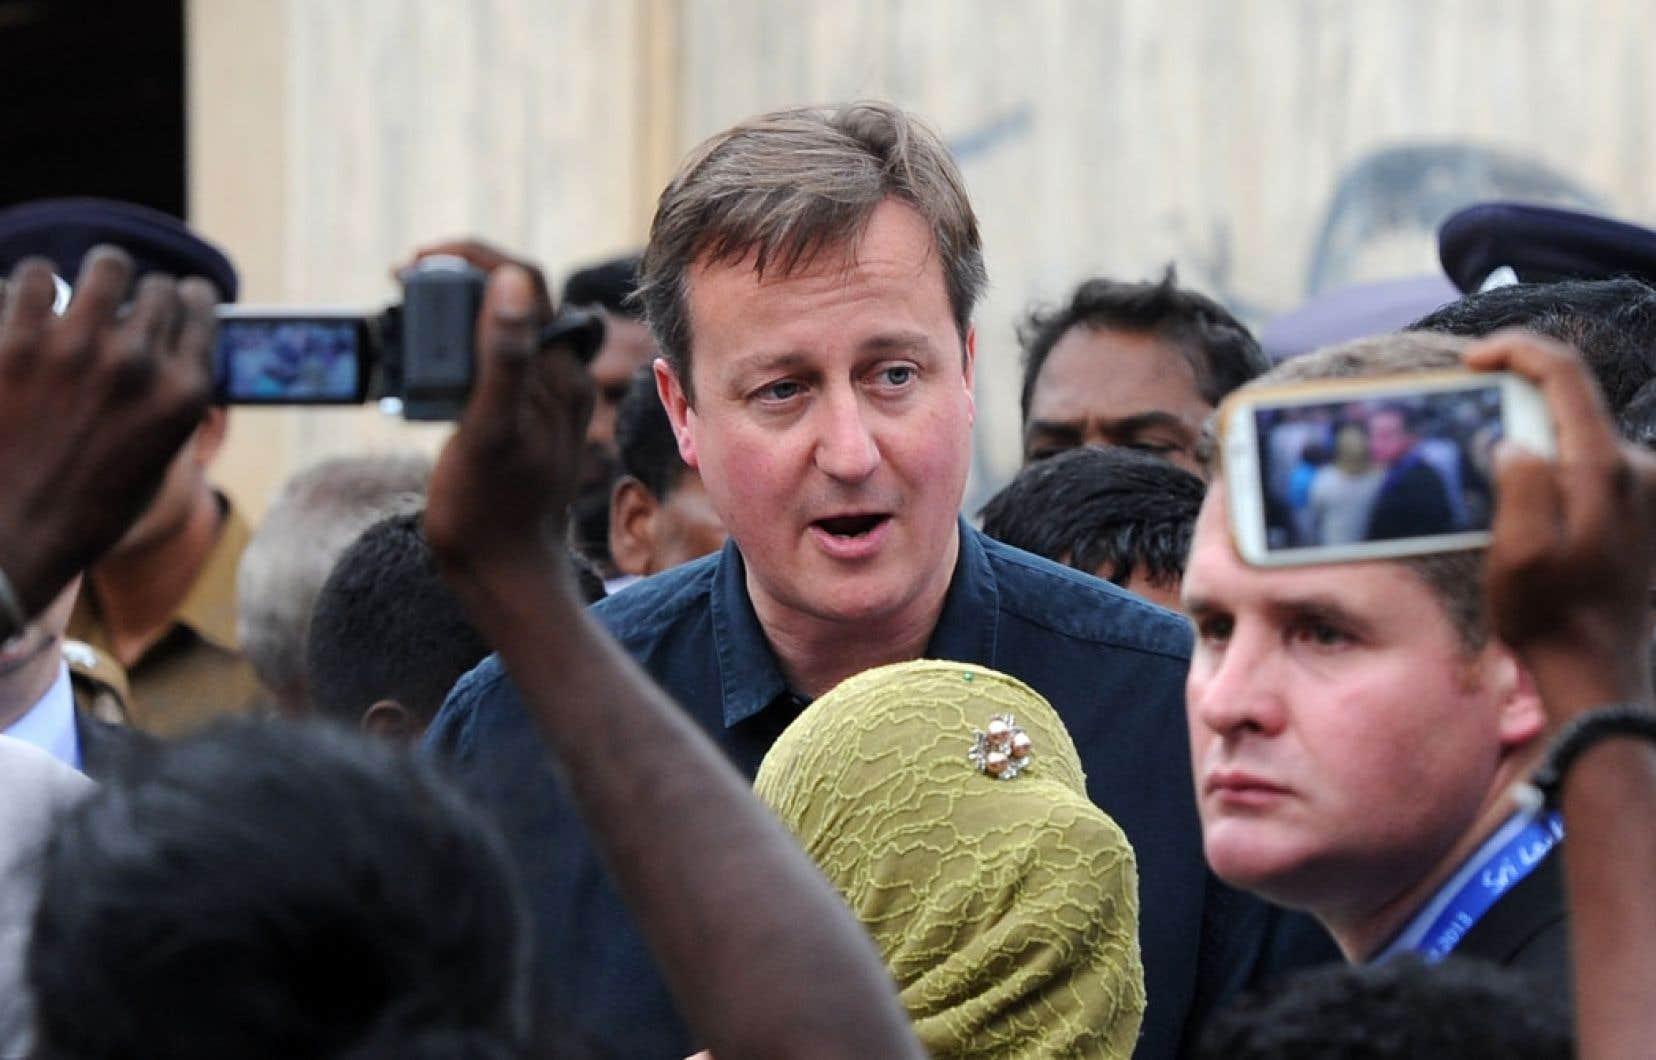 Le premier ministre britannique a visité un centre communautaire à Jaffna, dans le nord du Sri Lanka.